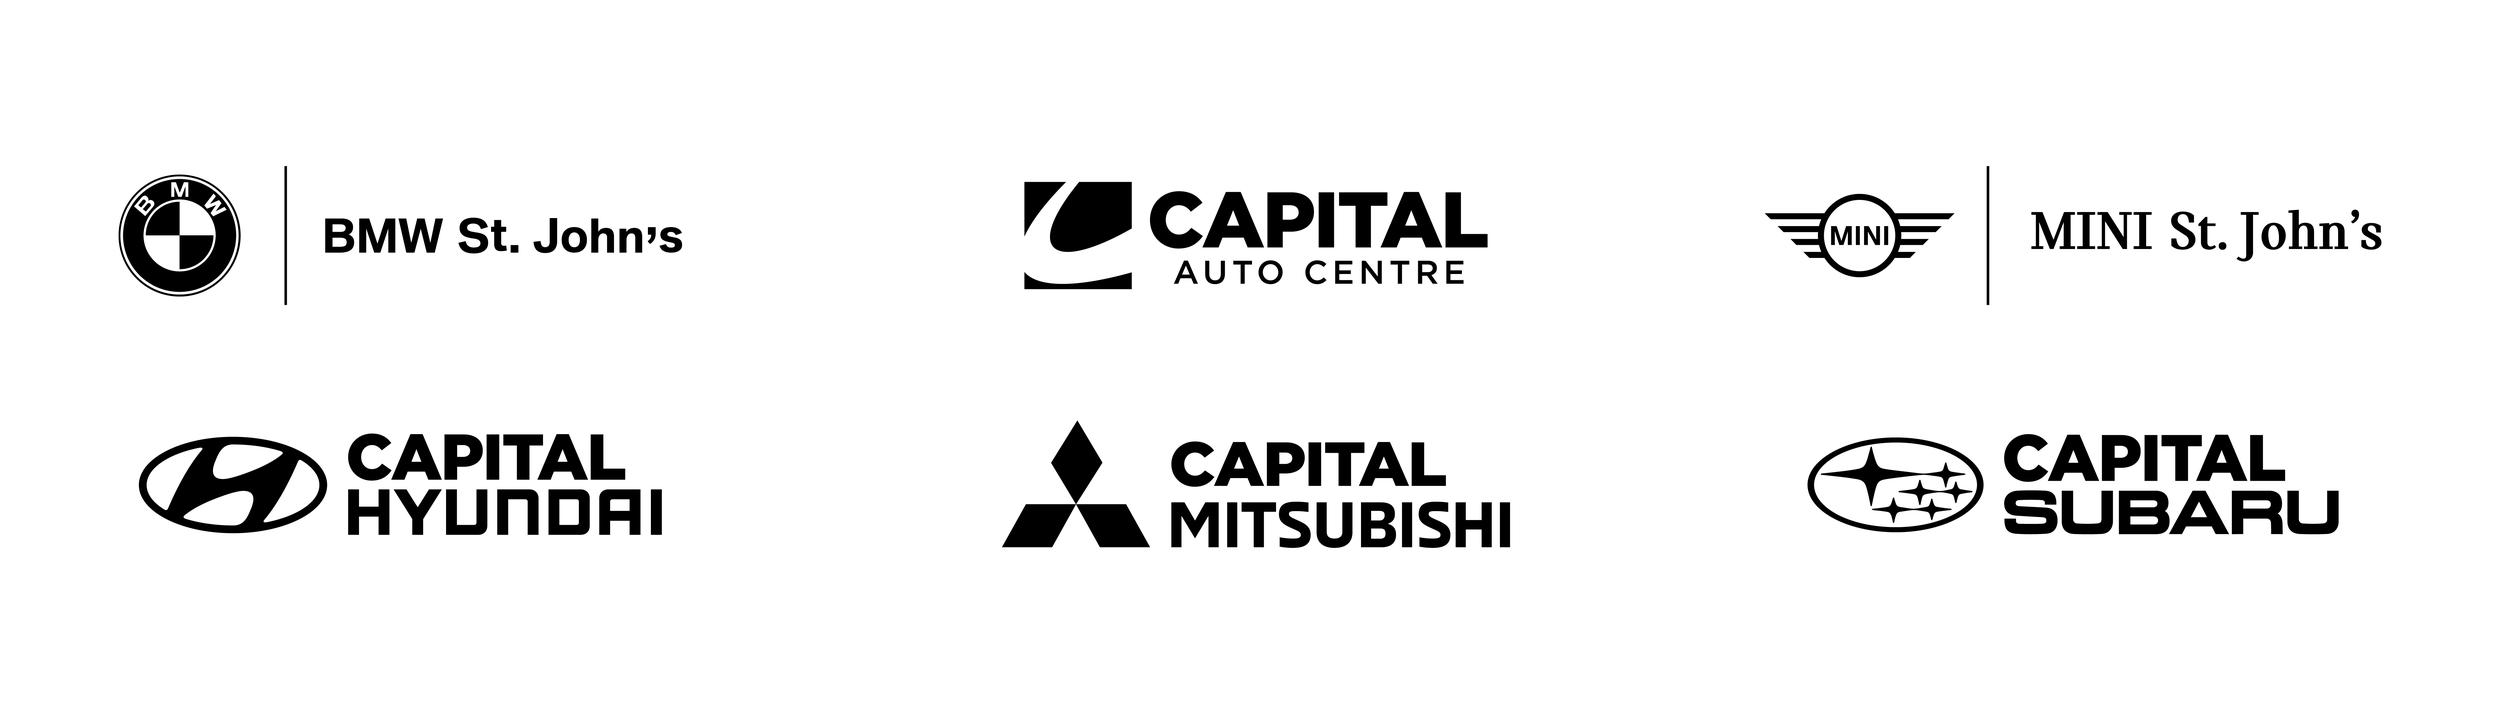 CAR-017-Dealer Logos.png